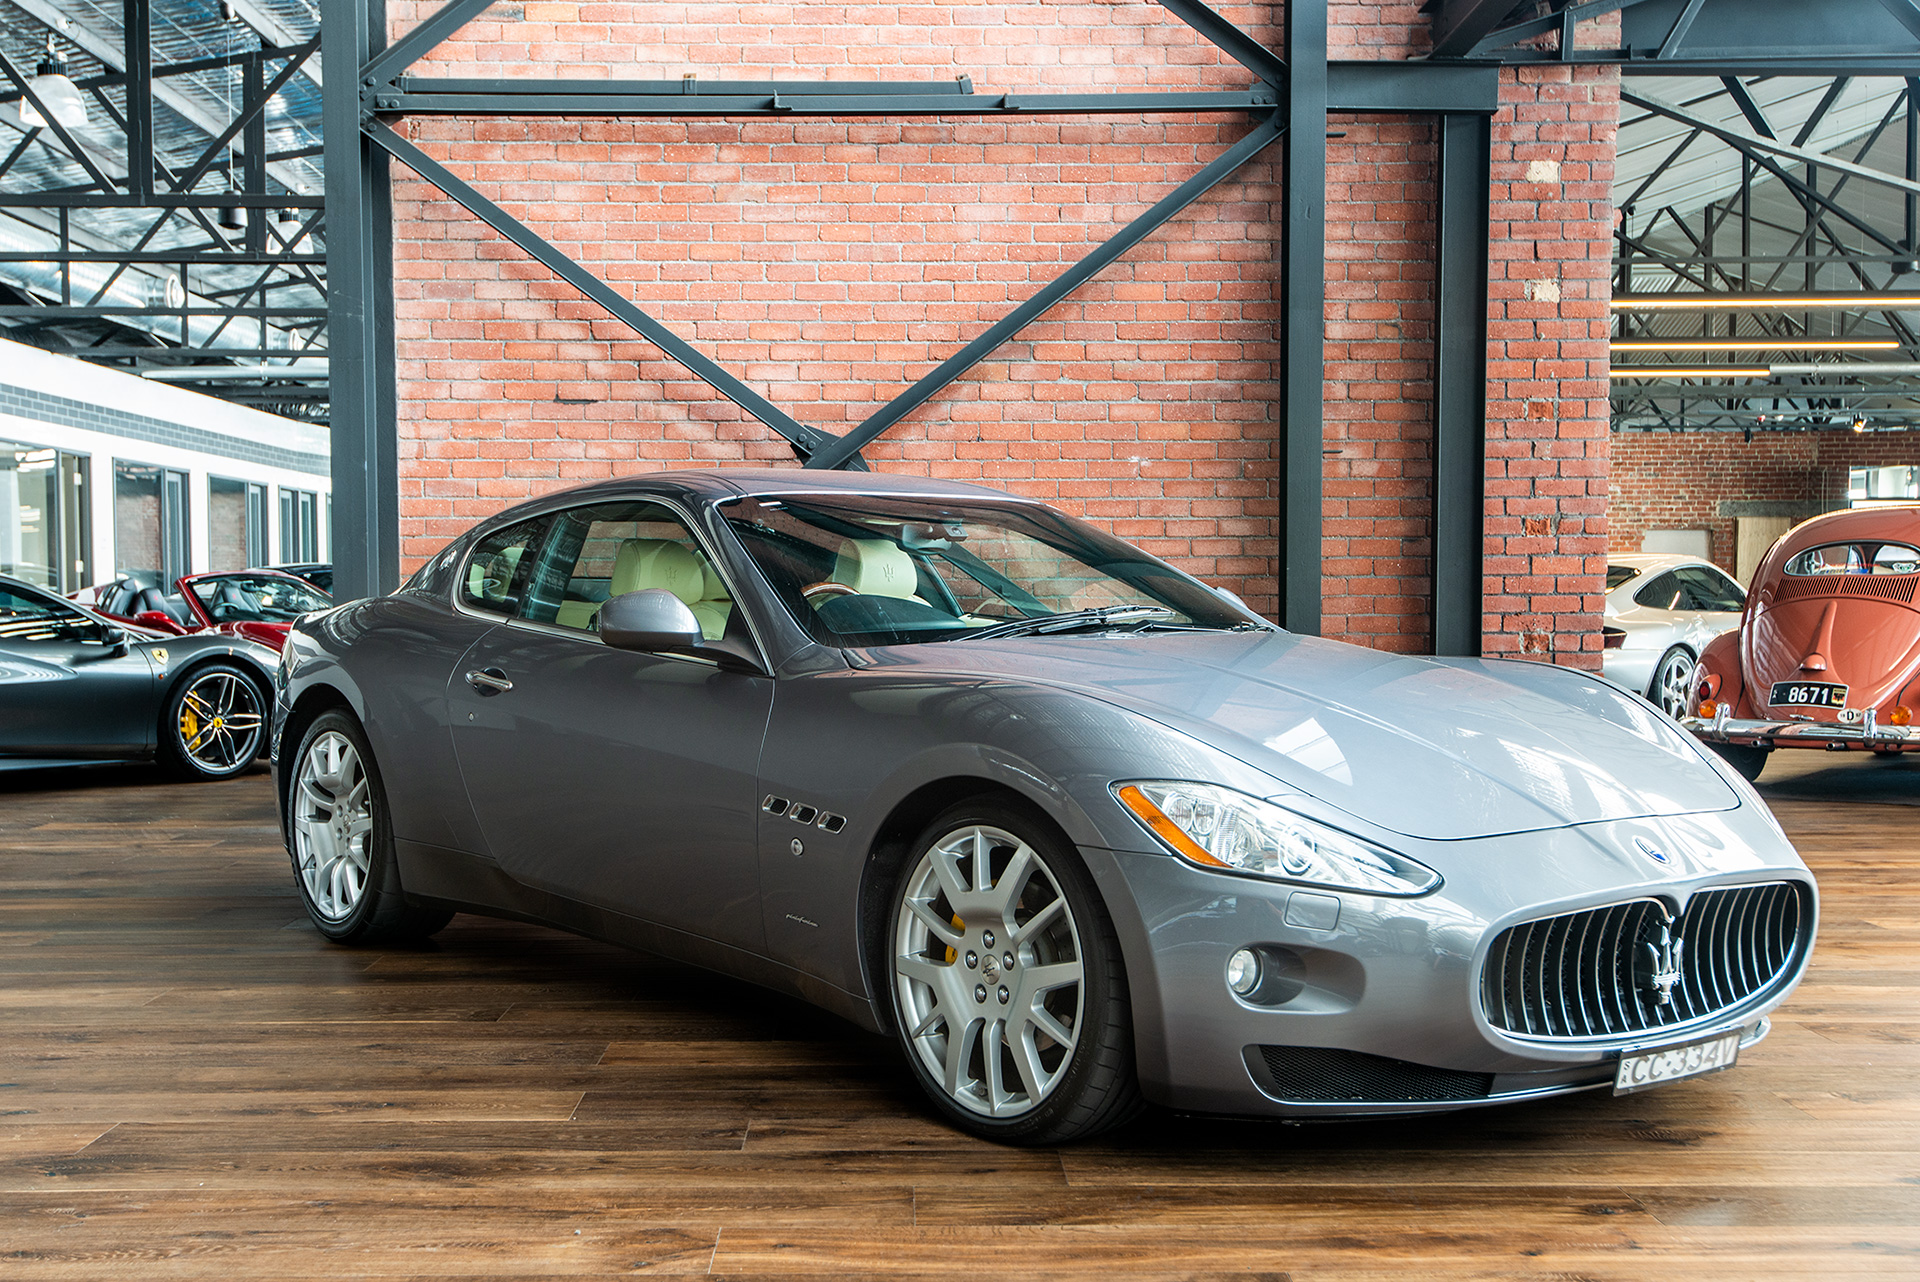 2008 Maserati GranTurismo Coupe - Richmonds - Classic and ...